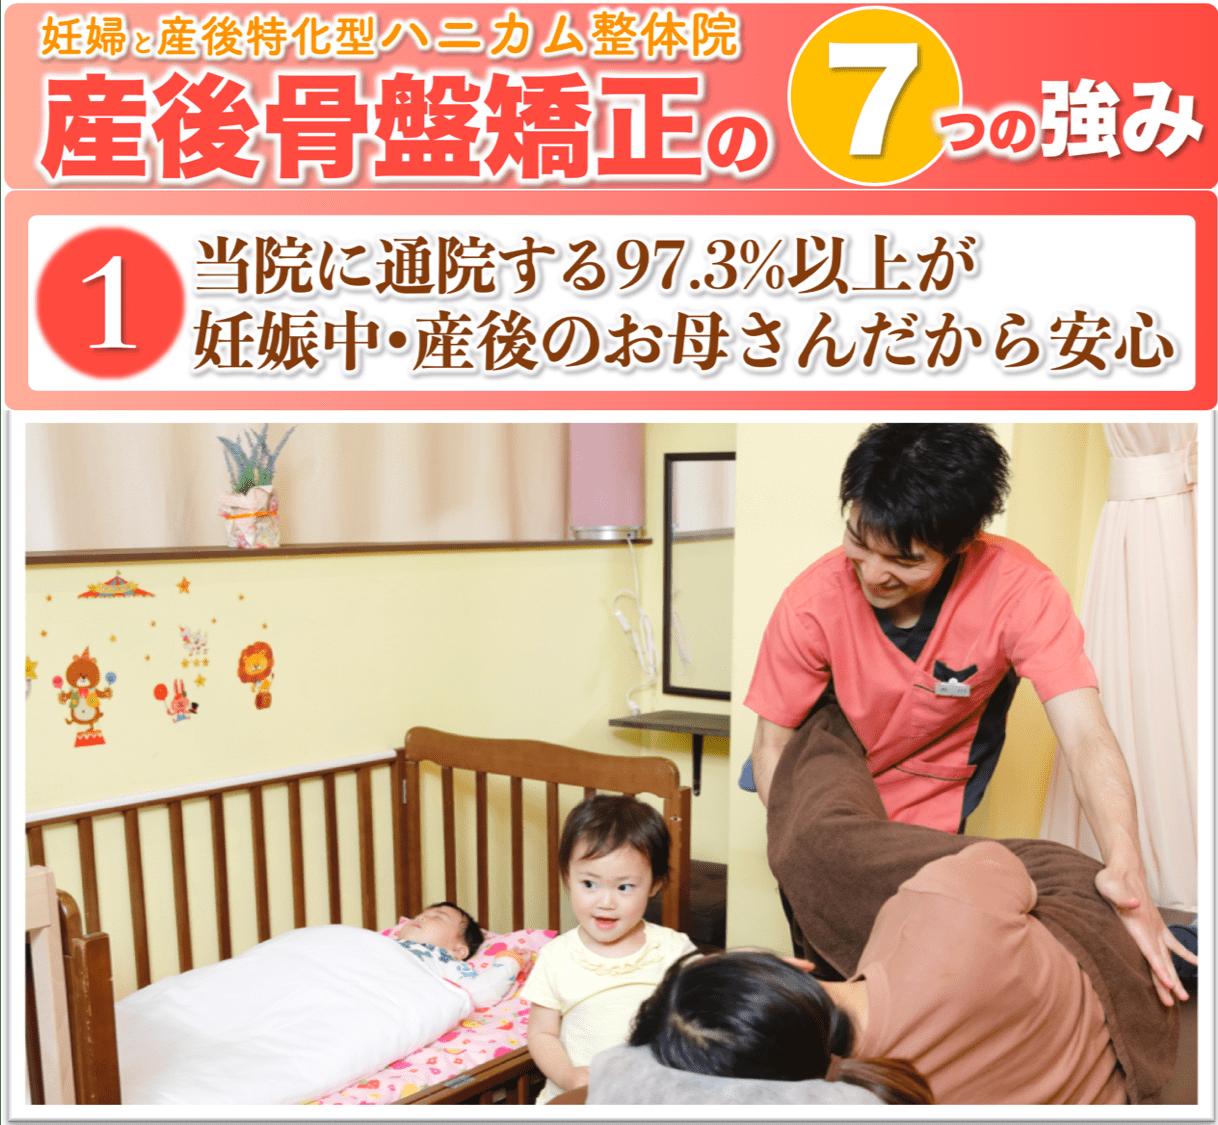 妊婦と産後特化型ハニカム整体院97.3が妊婦さんと産後ママ